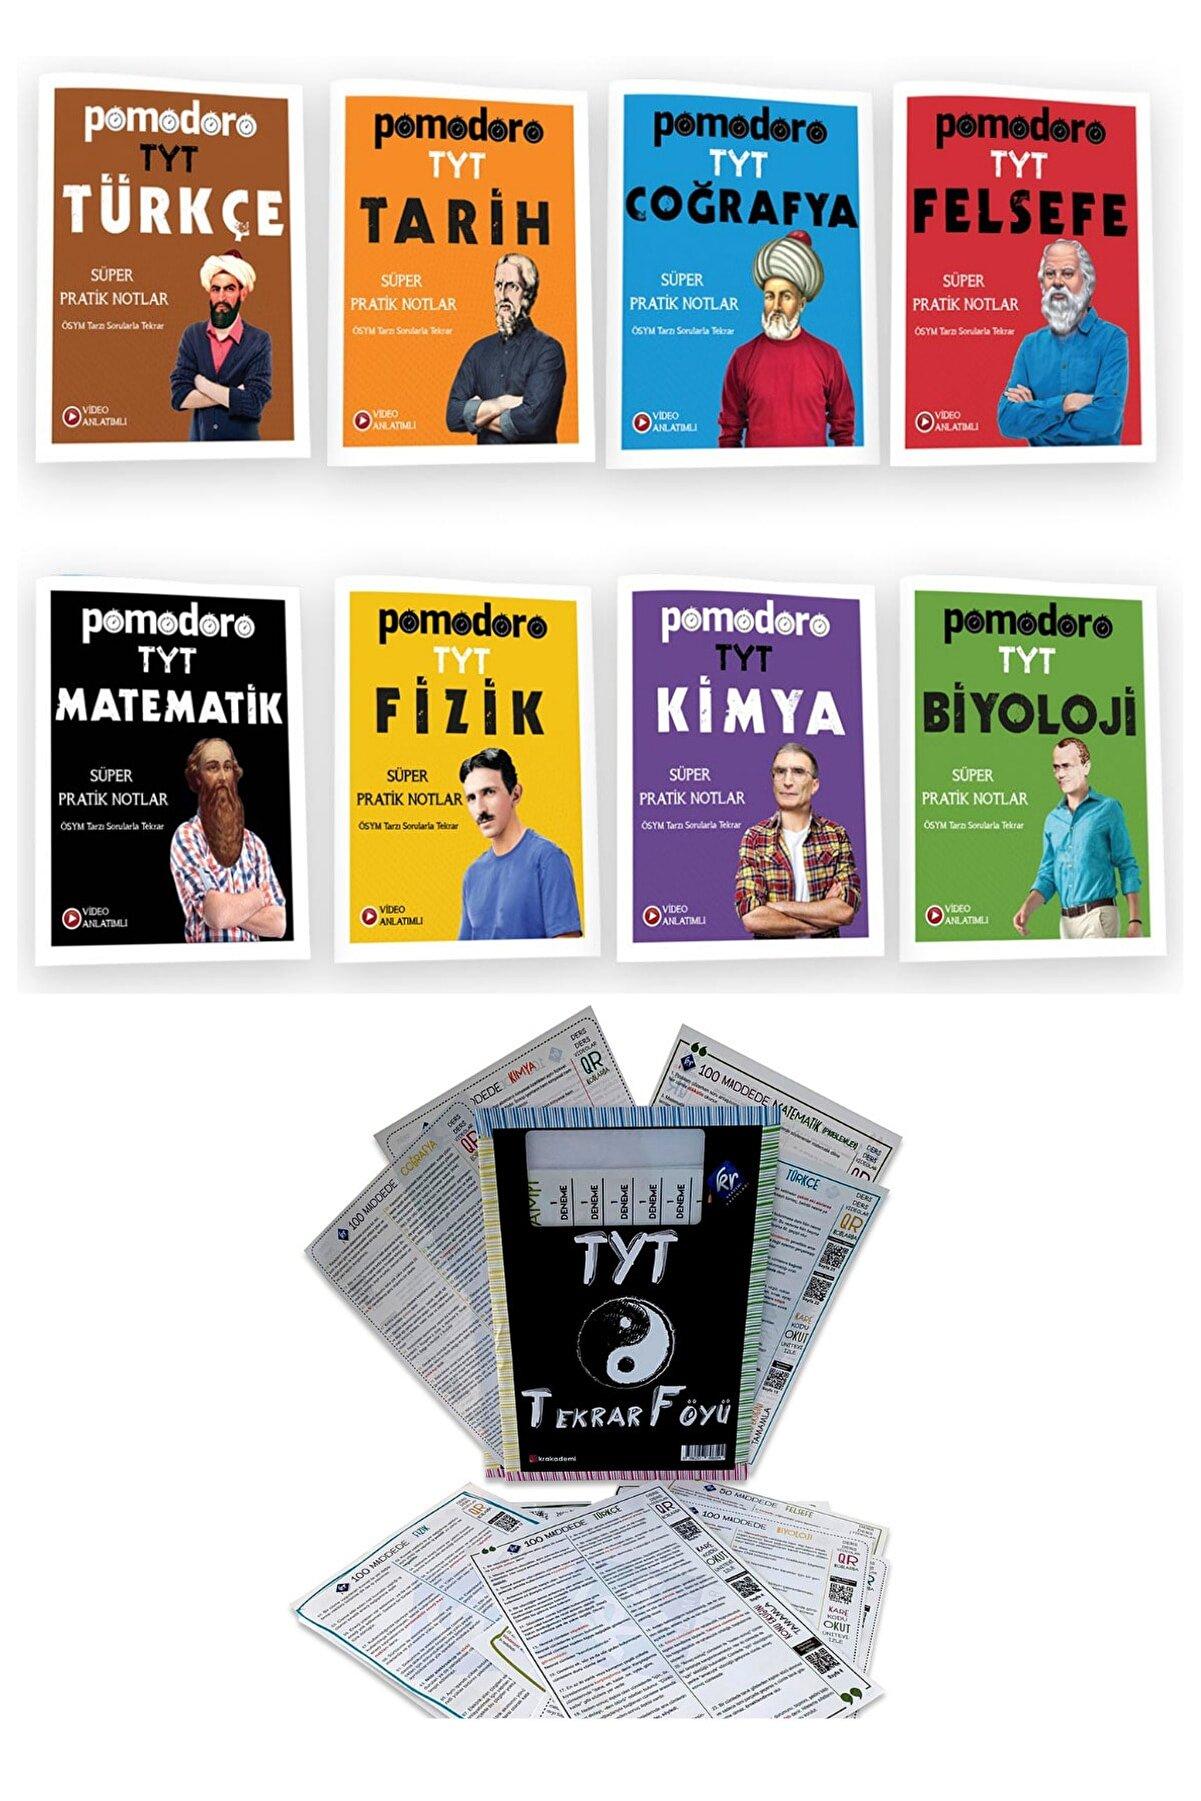 Pomodoro Yayınları 2022 Yks Tyt Konu Anlatımlı Soru Bankası Süper Pratik Notlar Seti Tekrar Föyü Hediyeli 9 Kitap